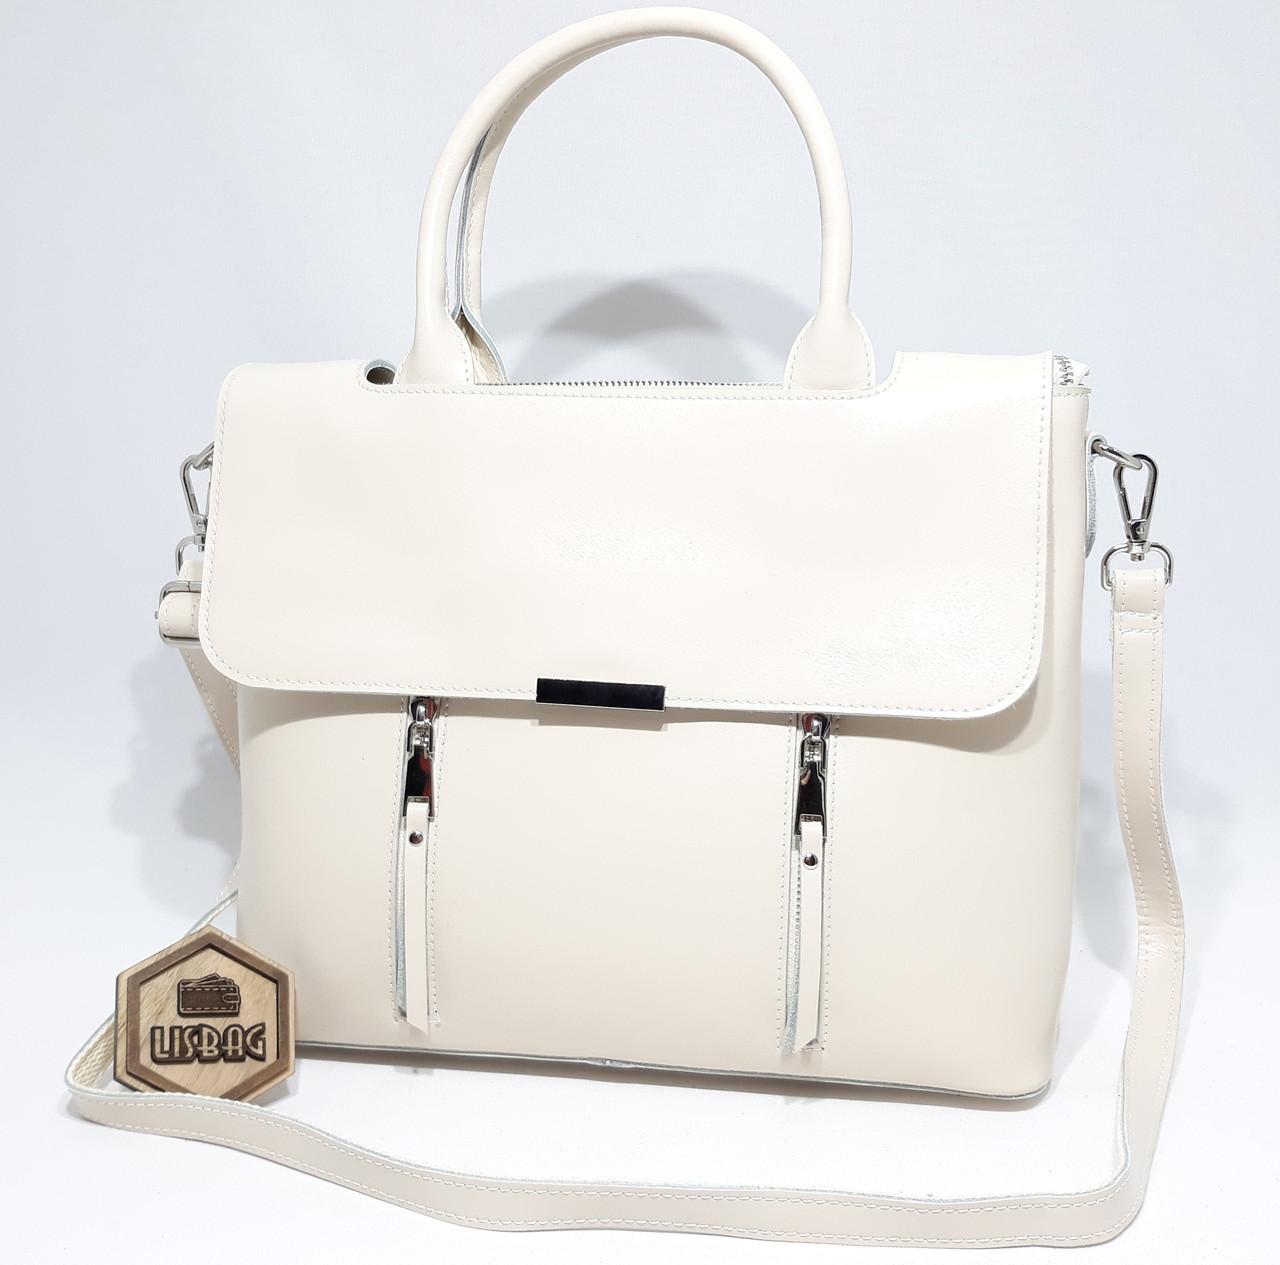 15aa0750cd65 Большая кожаная женская сумка Galanty из плотной кожи, Бежевая (молочная)